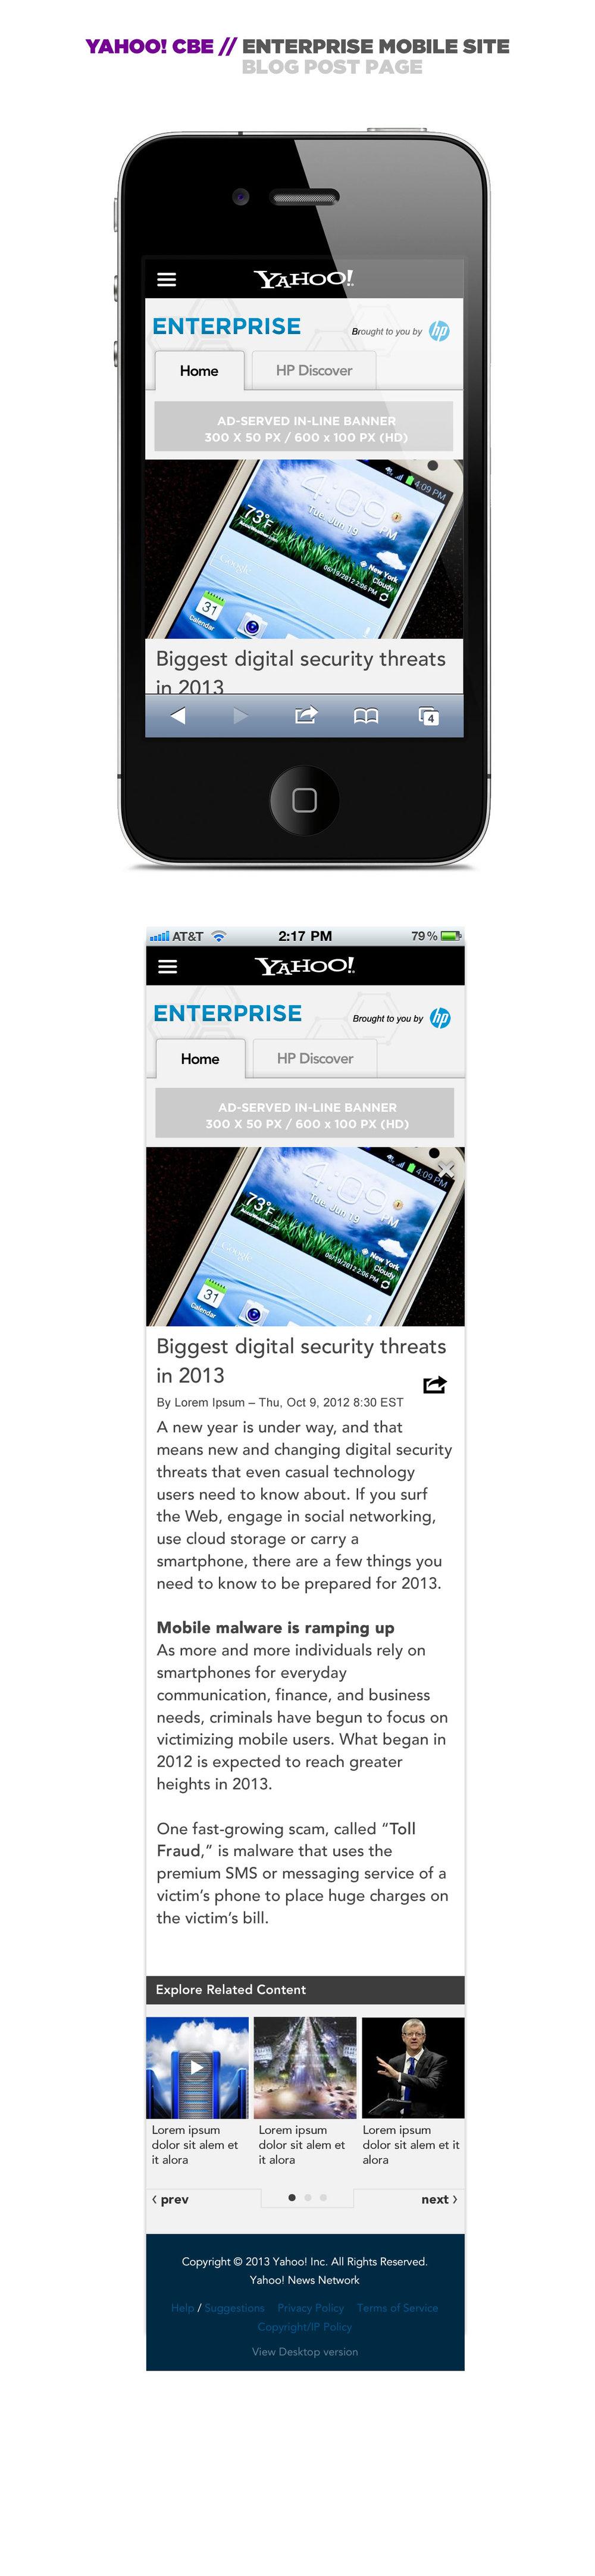 Enterprise_Mobile_hpdiscover-blogpost.jpg